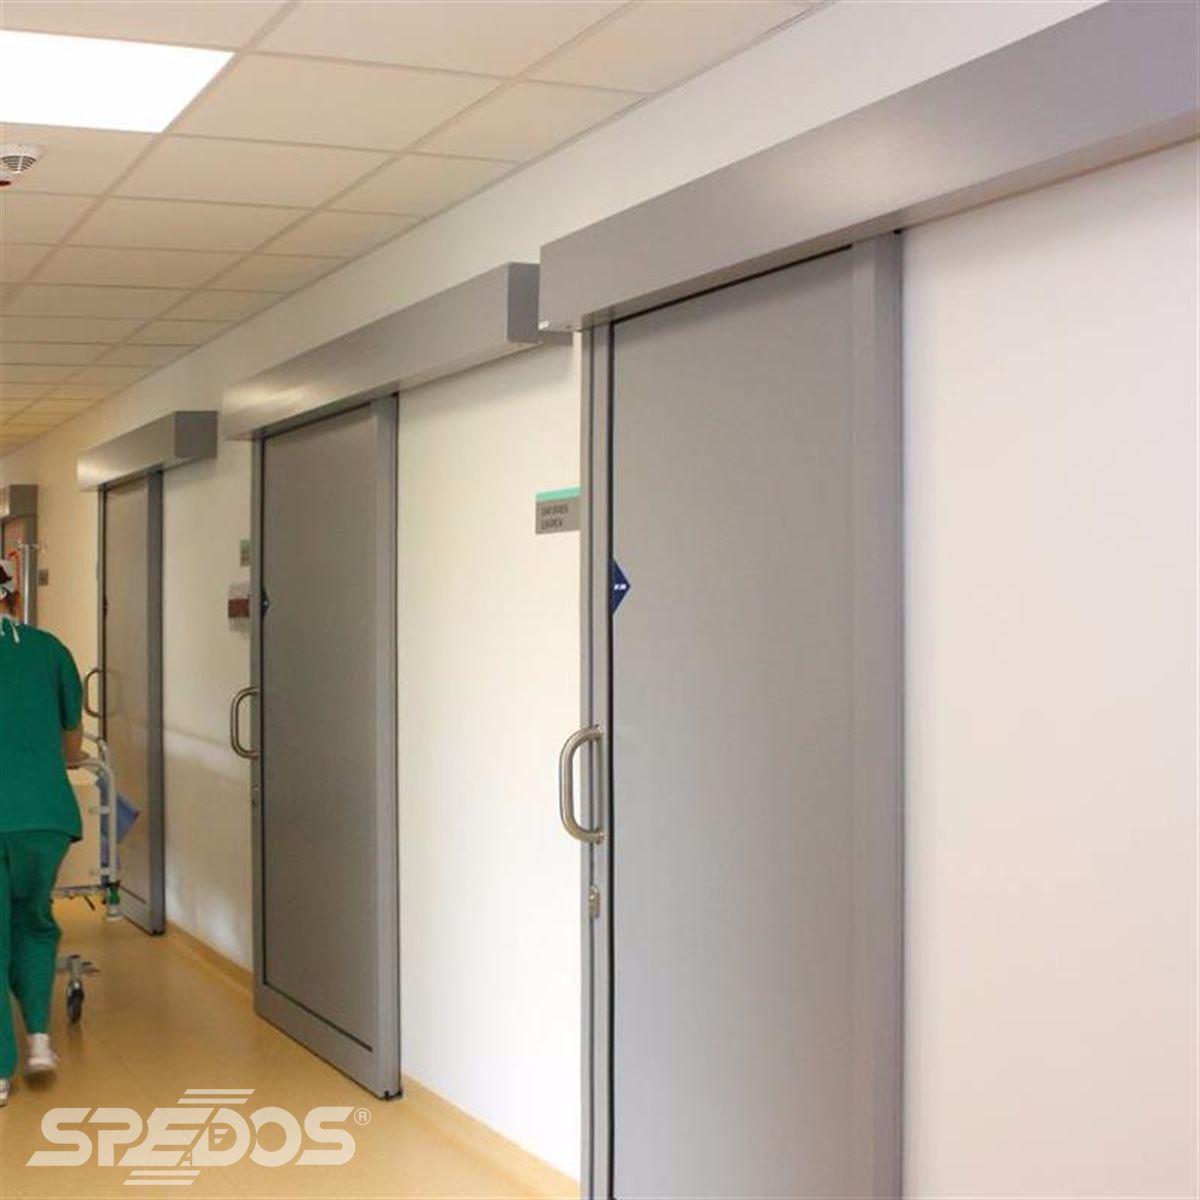 Jednokřídlé automatické posuvné dveře pro nemocnici sv. Michala 8